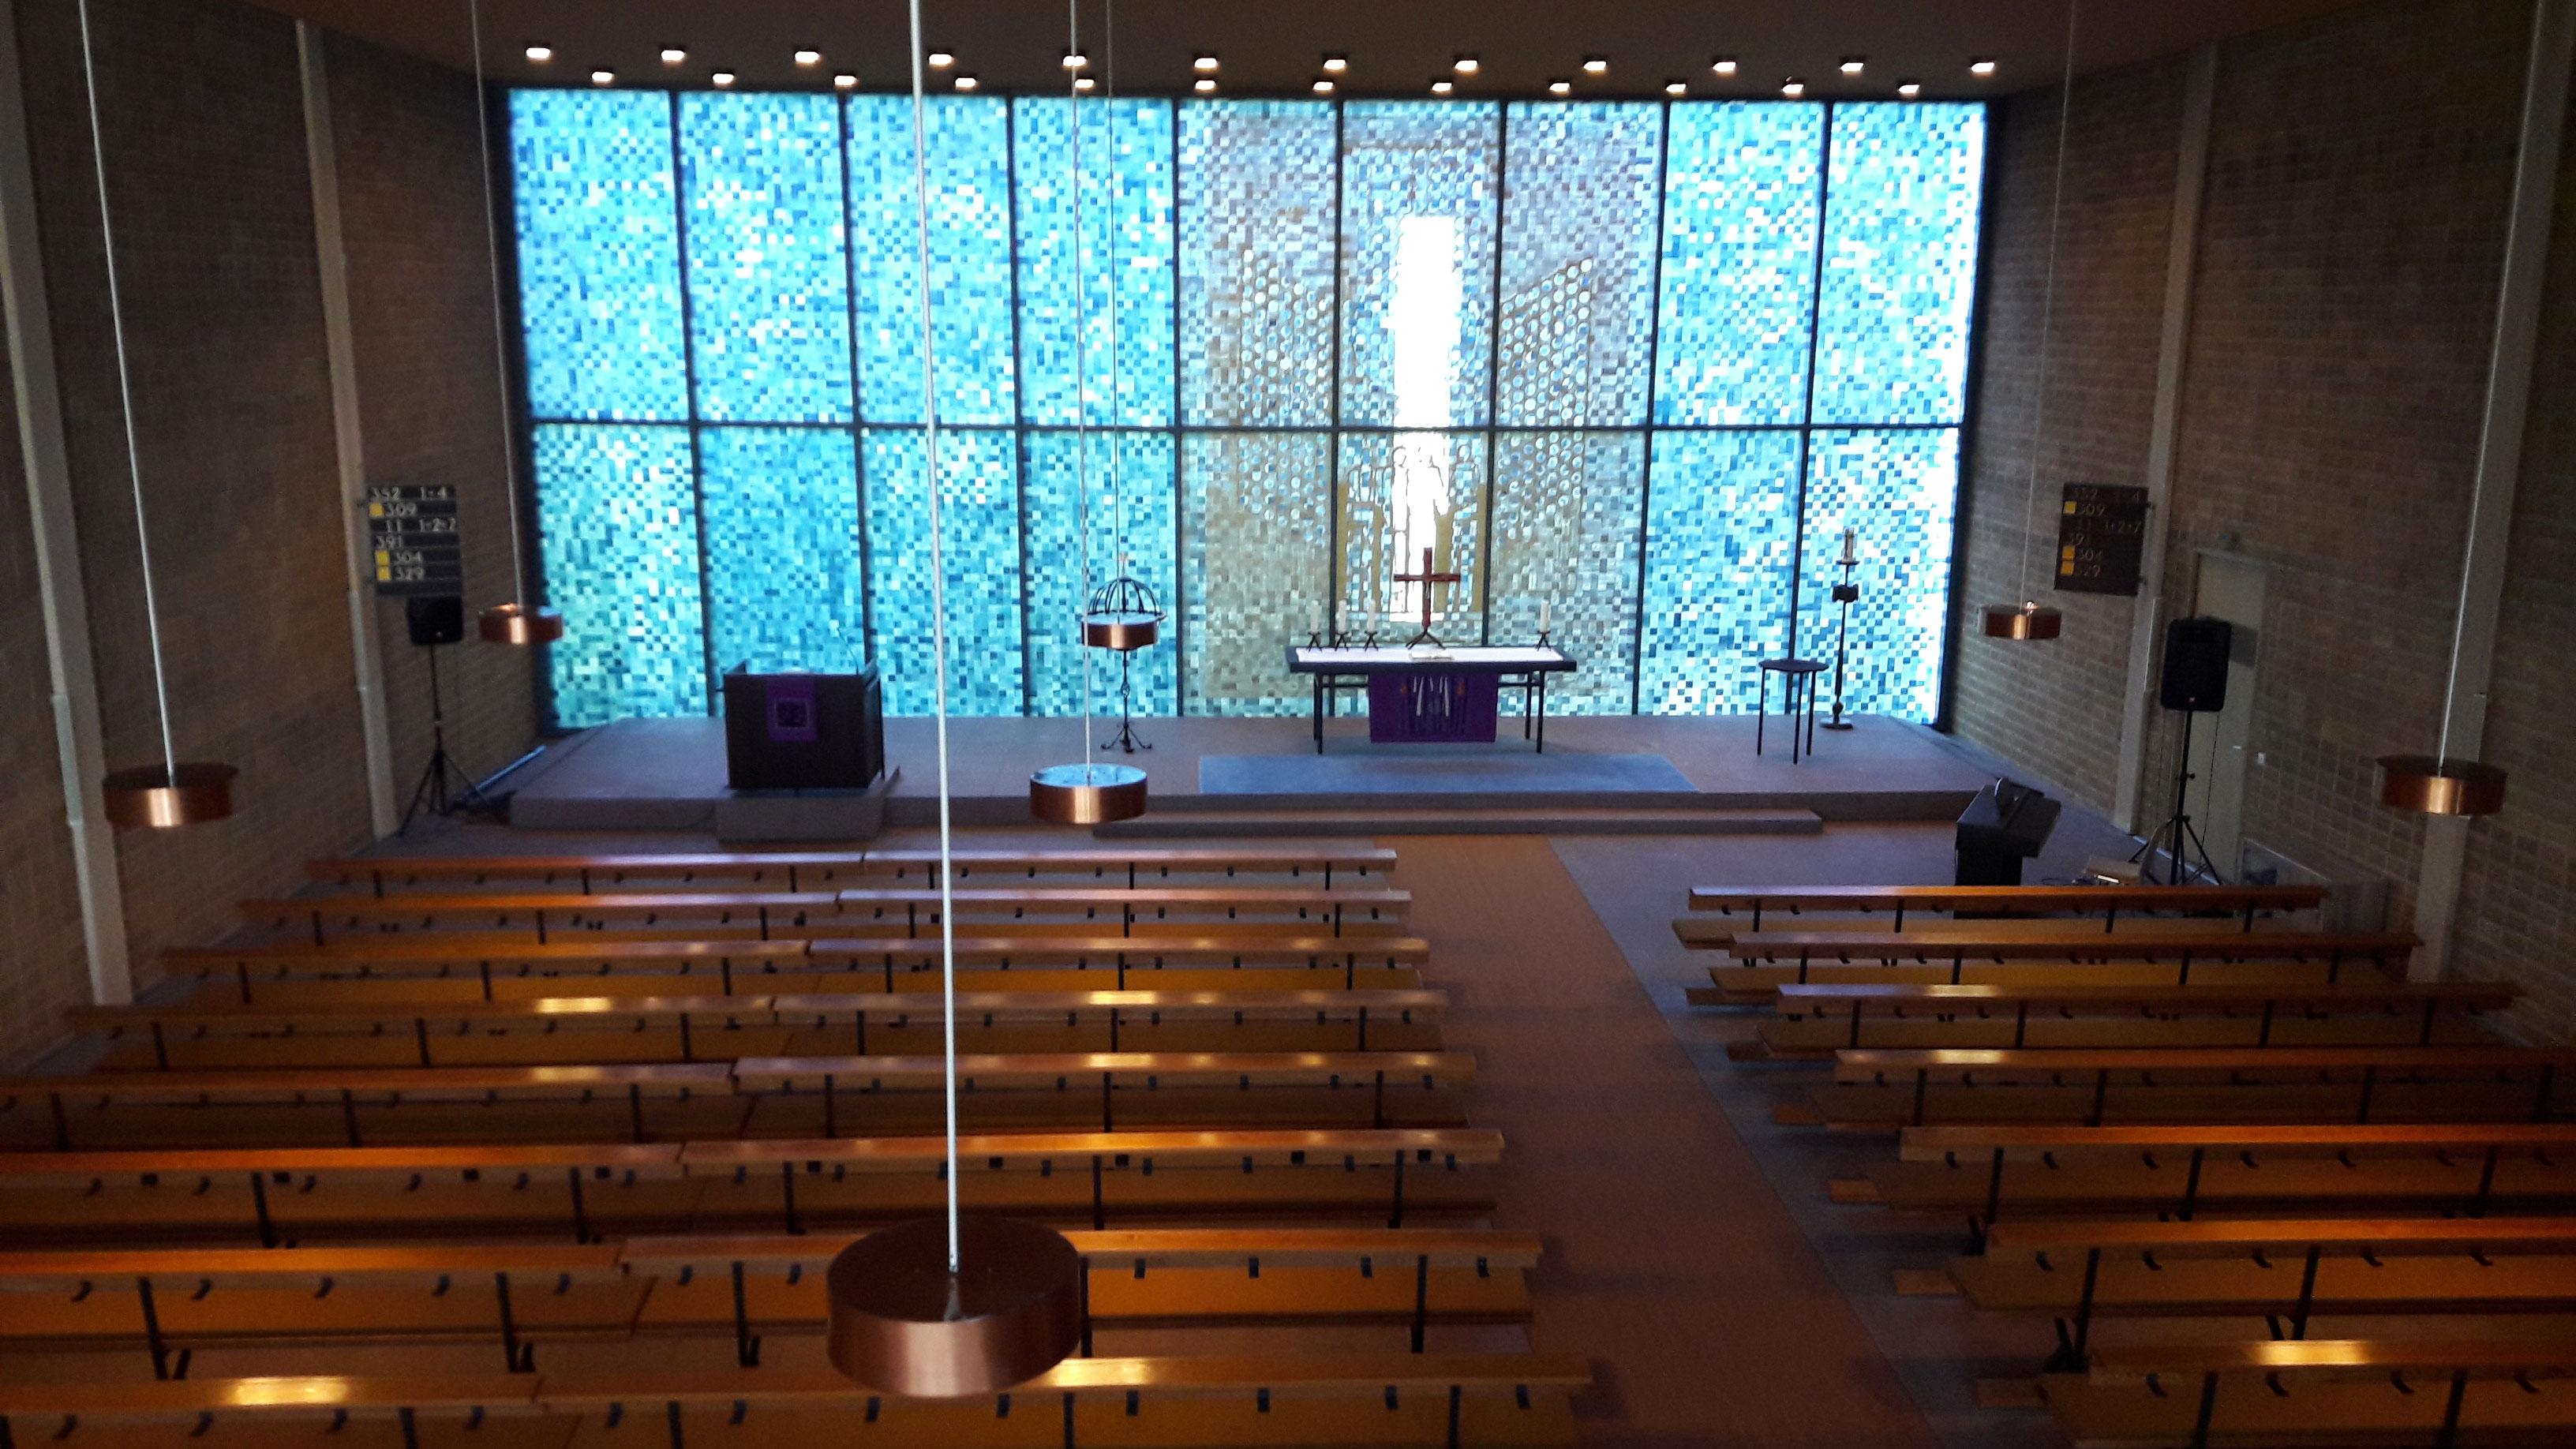 Schlichte Bänke und Lampen - Blick in den Gemeindesaal der Martinus-Kirche in Berlin-Tegel, Copyright: Cornelia Saxe